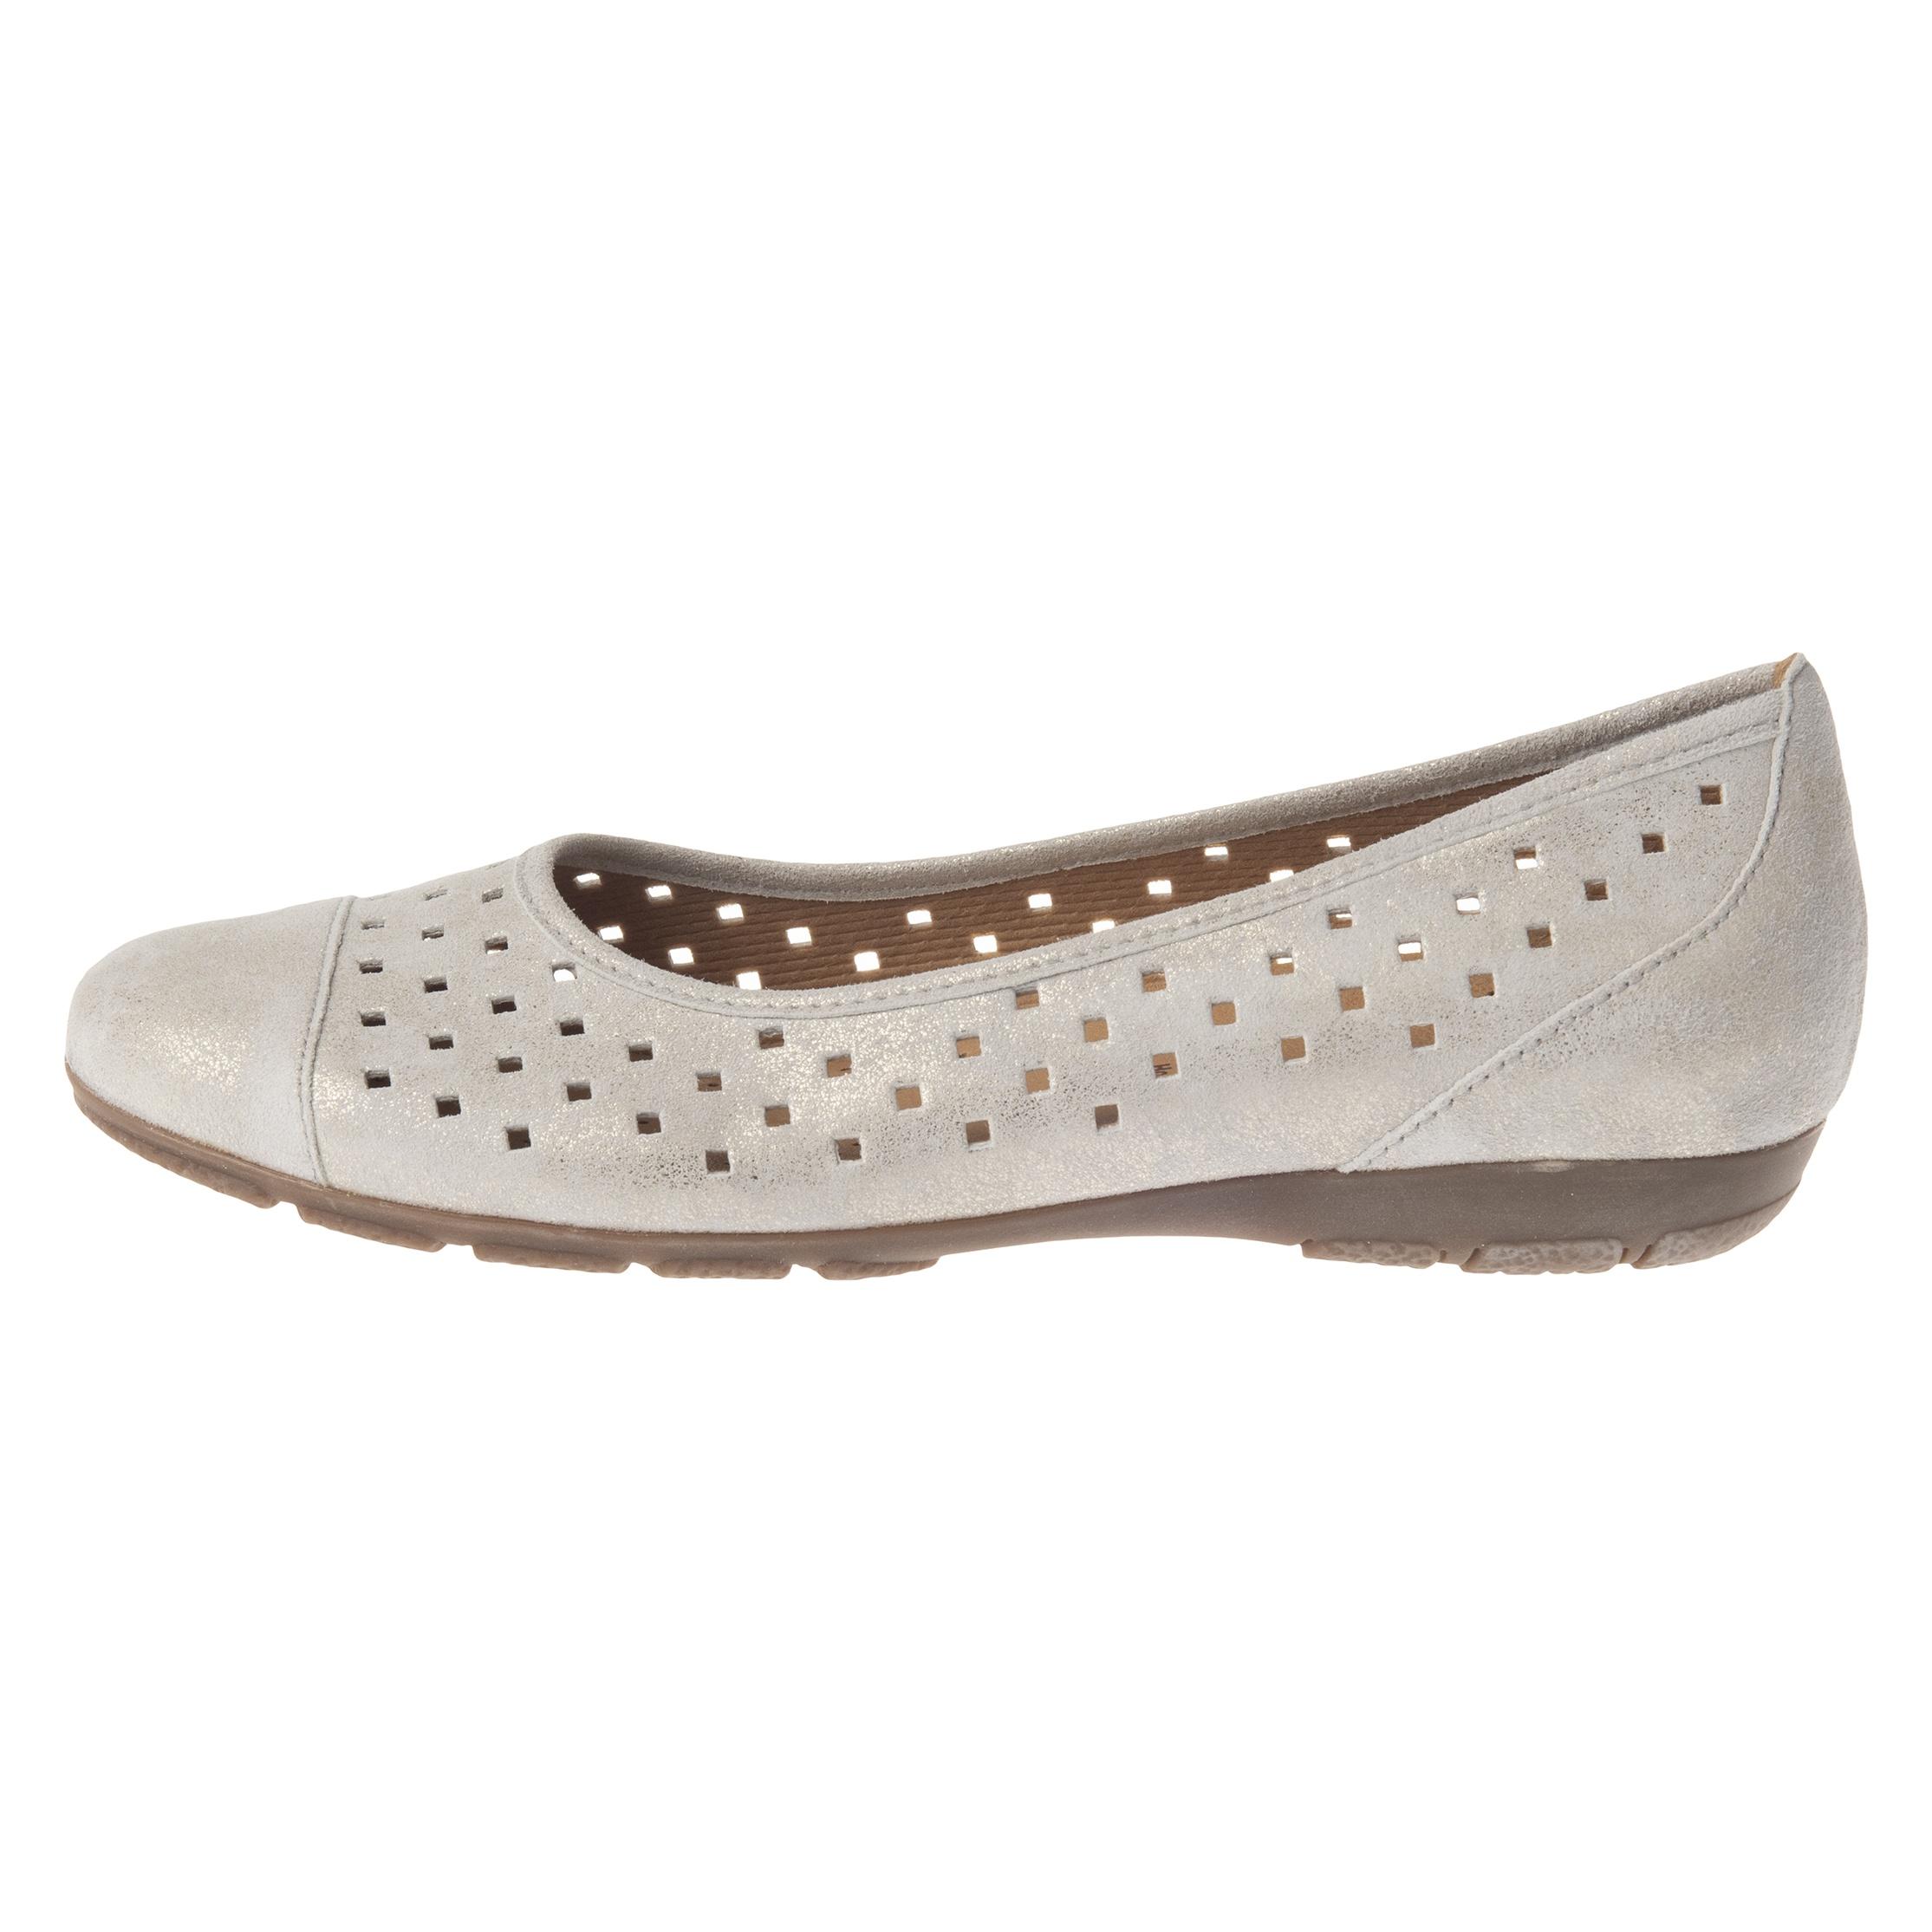 کفش زنانه گابور مدل 64.169.61